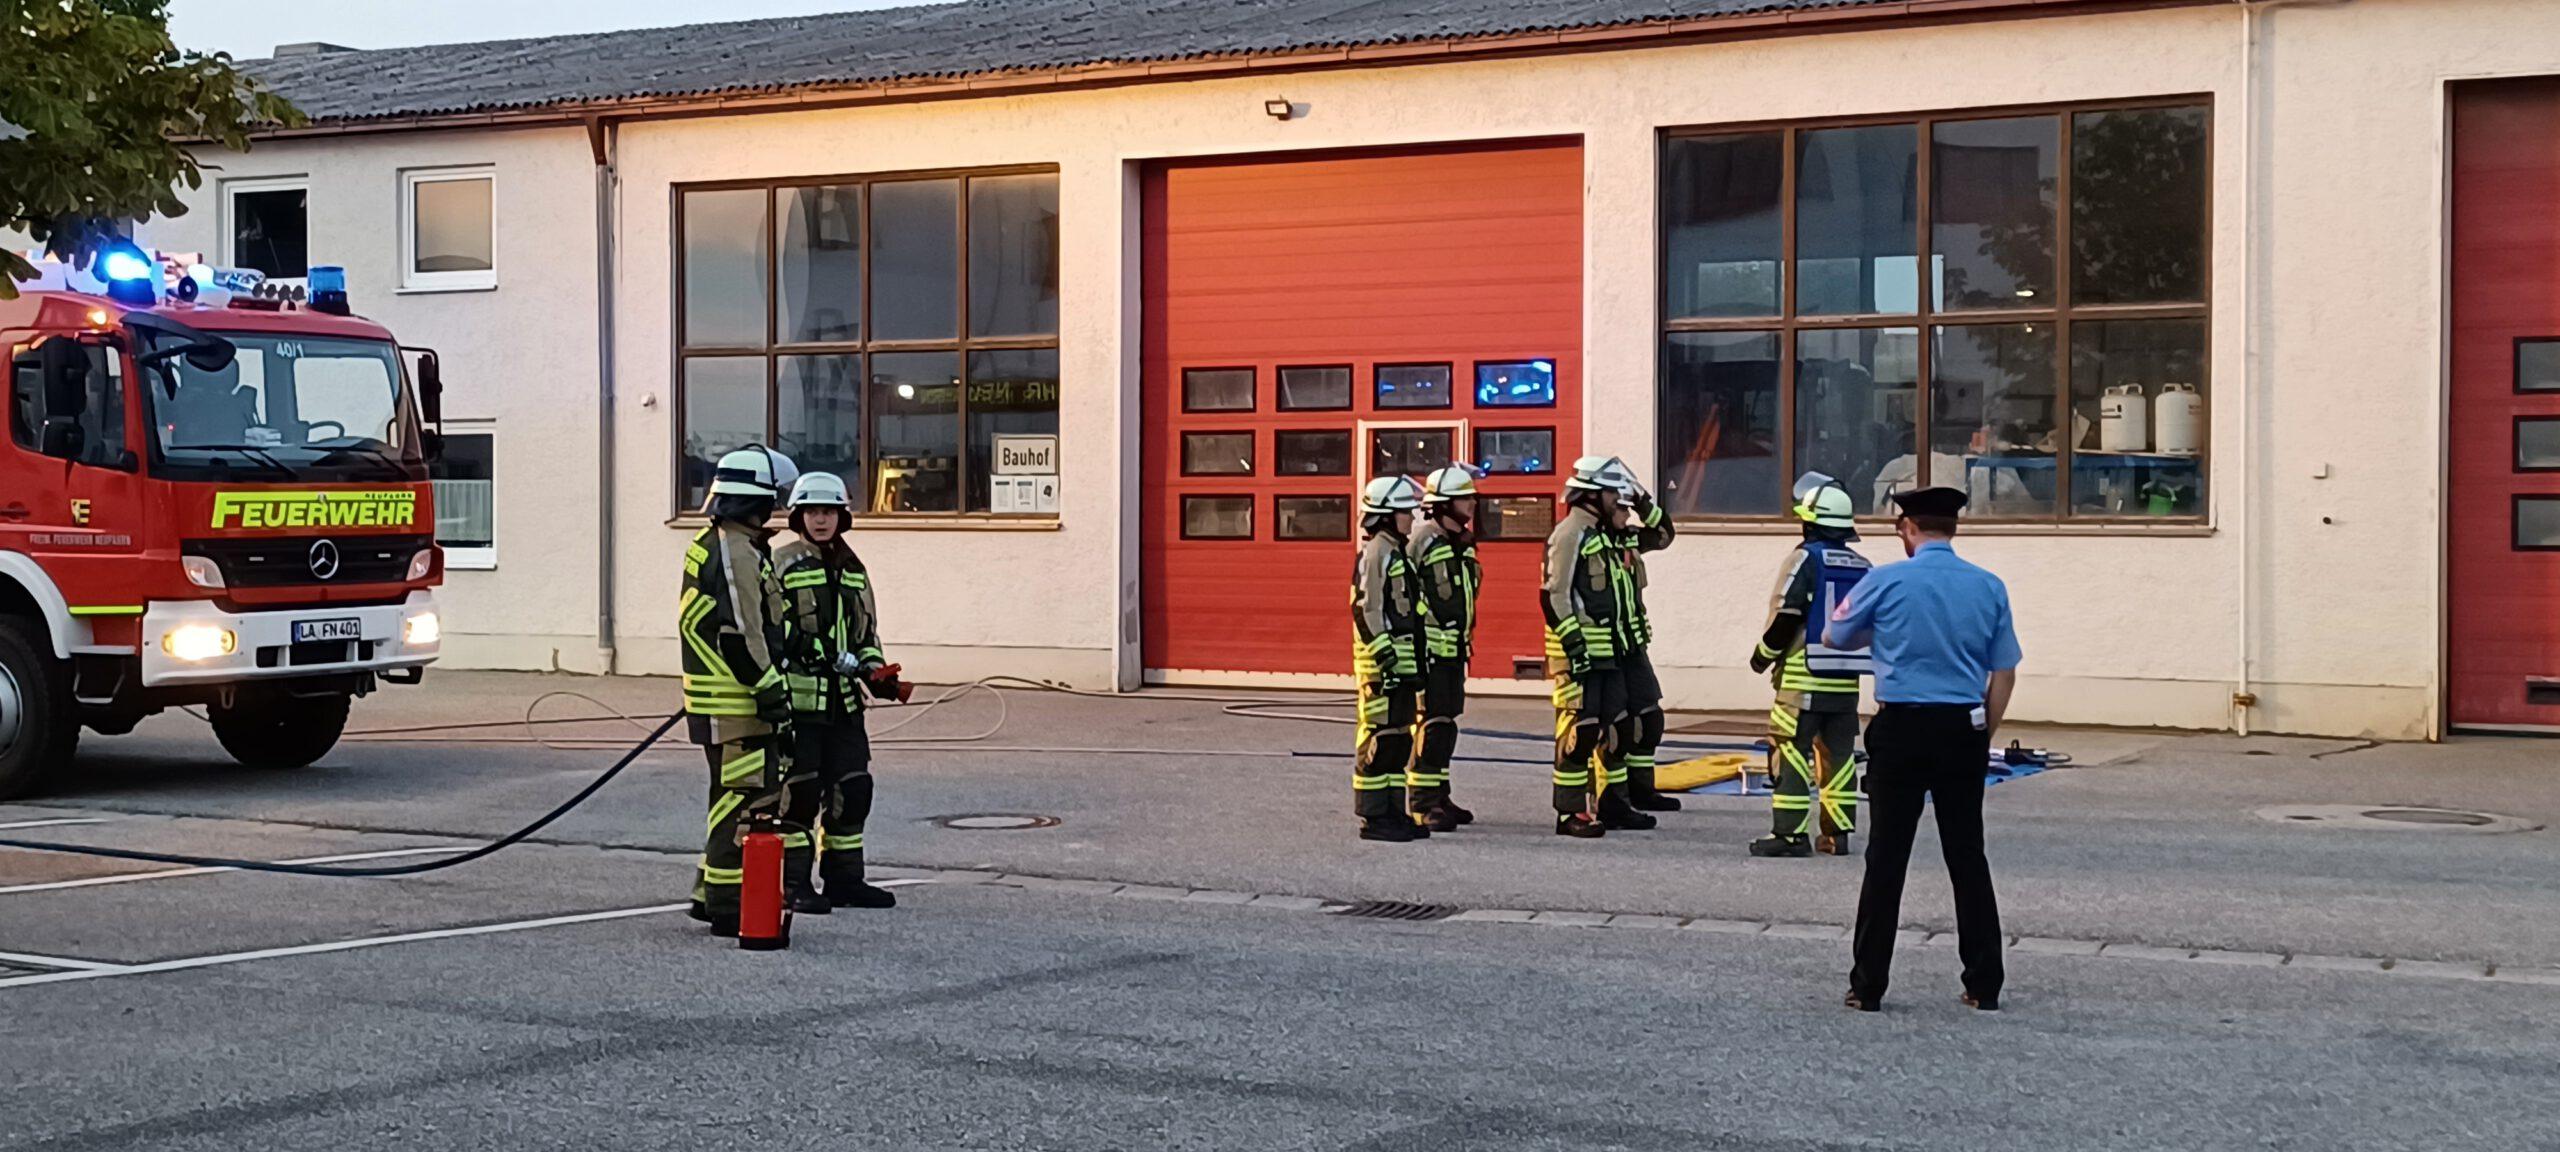 Read more about the article Drei Gruppen legen Leistungsabzeichen ab – Einsatz während Leistungsprüfung